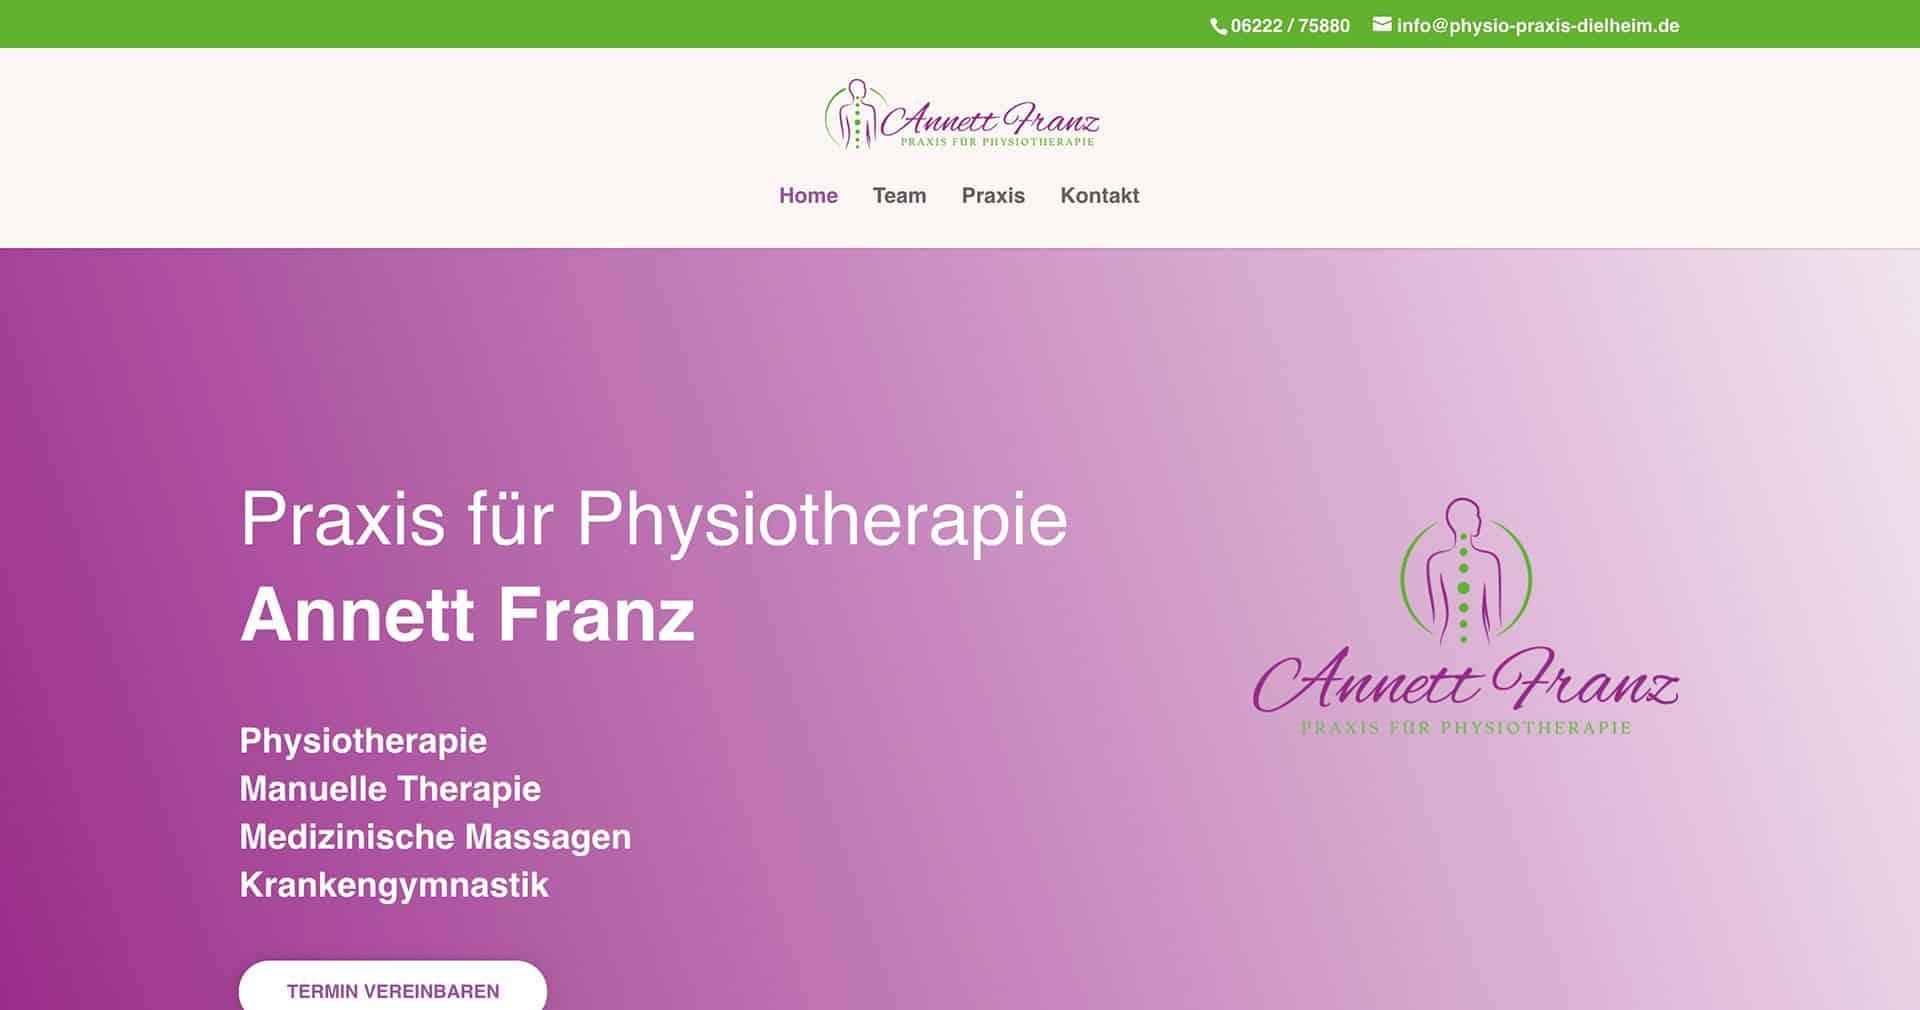 Physio Praxis | Annett Franz